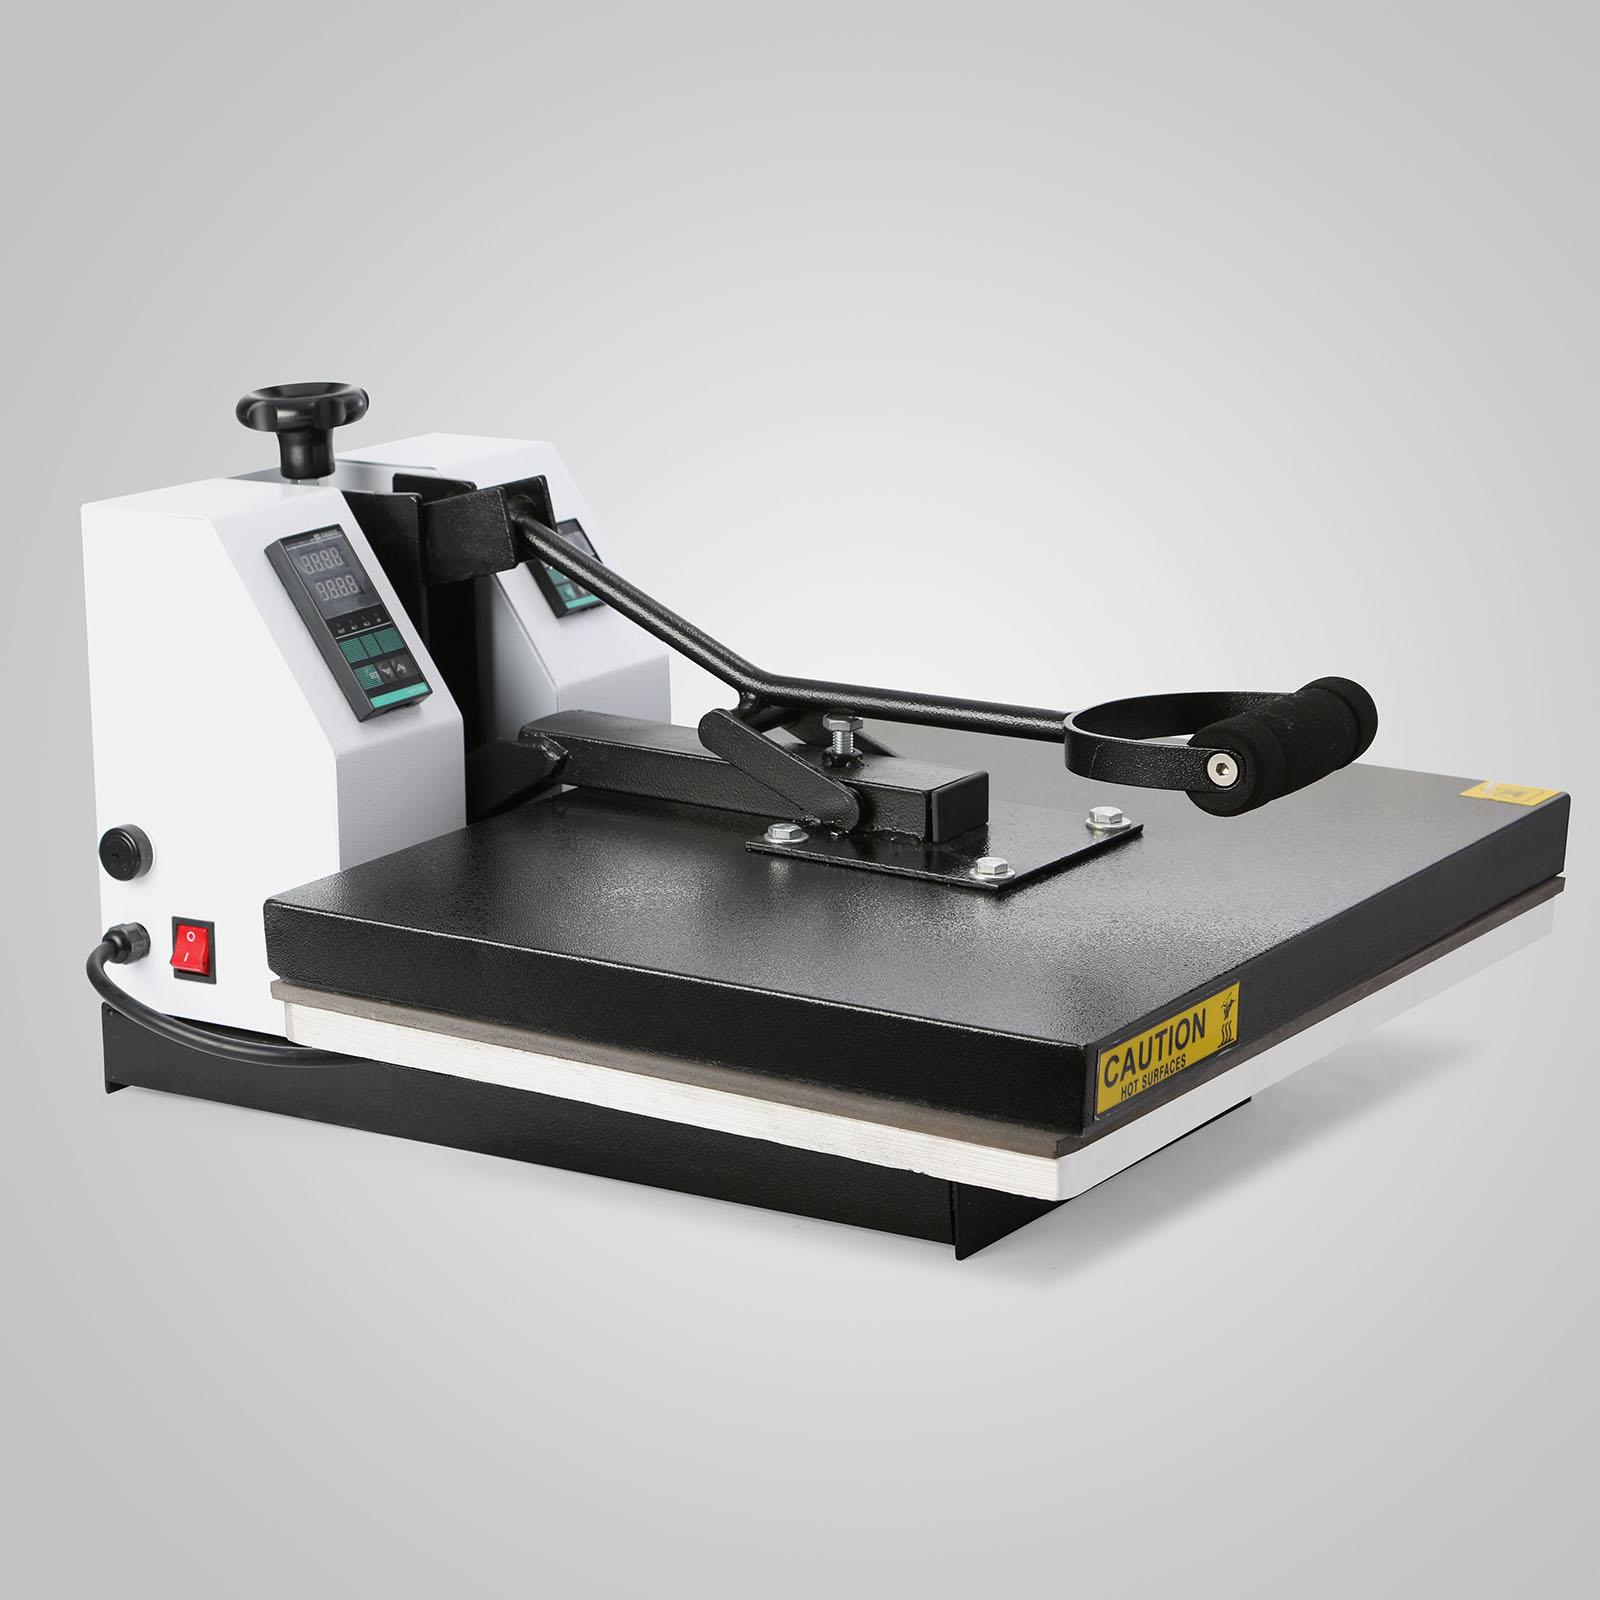 T Shirt Heat Press Transfer Machine 40x50cm Pressing